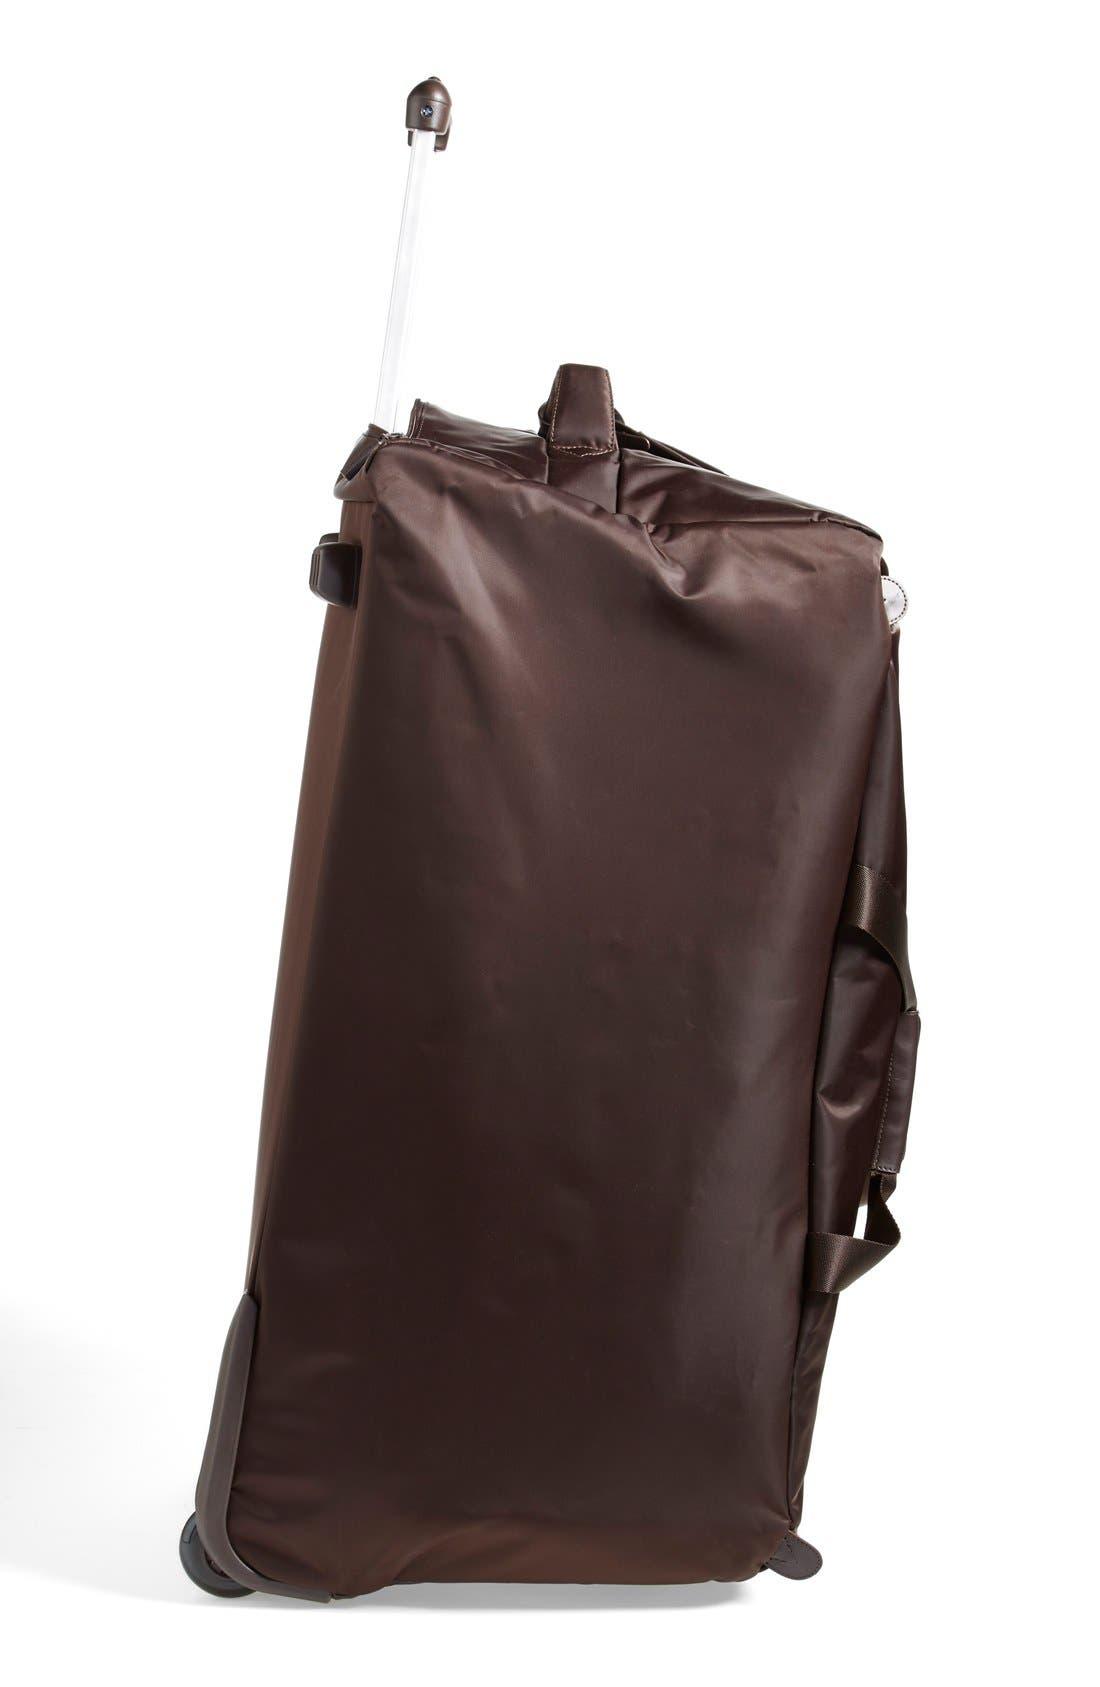 Alternate Image 4  - LIPAULT Paris Foldable Rolling Duffel Bag (30 Inch)